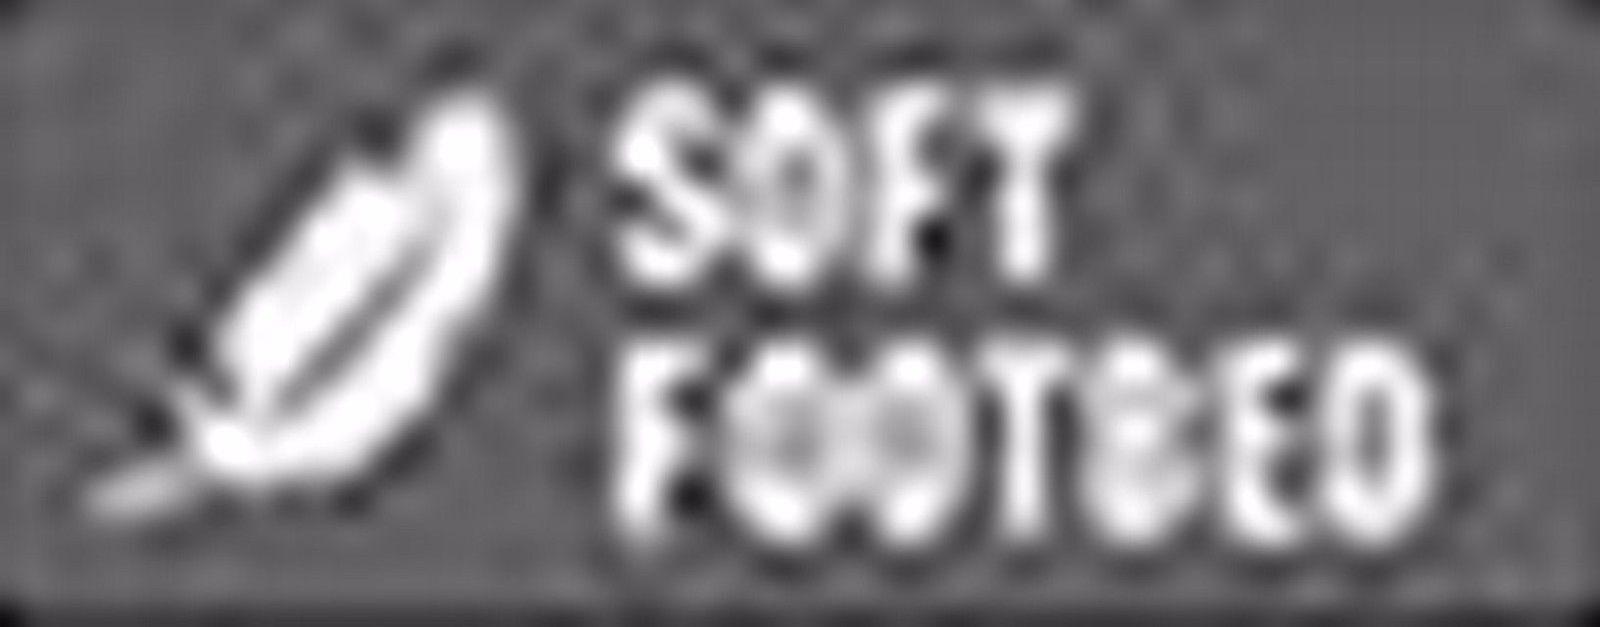 BIRKENSTOCK Arizona Weichbett 1005711 schmales desert soil night  schmales 1005711 Fußbett 4f6a63